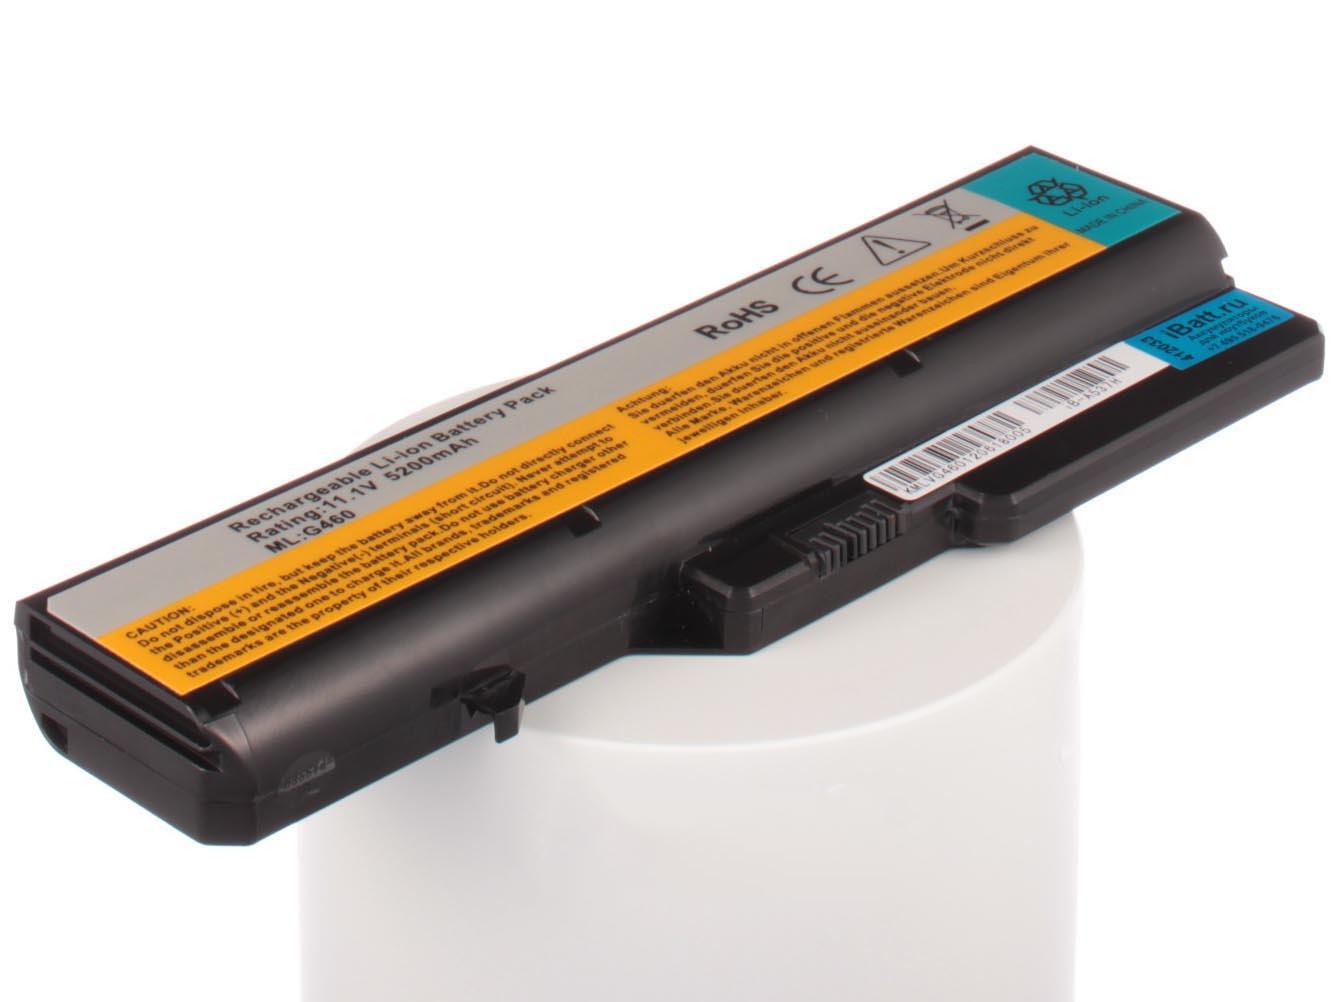 Аккумулятор для ноутбука iBatt для iBM-Lenovo IdeaPad B570, IdeaPad Z460, IdeaPad Z570A, IdeaPad B575, IdeaPad V360, IdeaPad V570, IdeaPad Z465, IdeaPad Z570A 59329825, IdeaPad V370, IdeaPad G470, IdeaPad V570C, IdeaPad Z560A аккумуляторная батарея topon top g460 4800мач для ноутбуков lenovo g460 g4704 g560 g565 g570 g575 g770 z370 z460 z465 z560 z565 z570 z575 b570 b575 v570